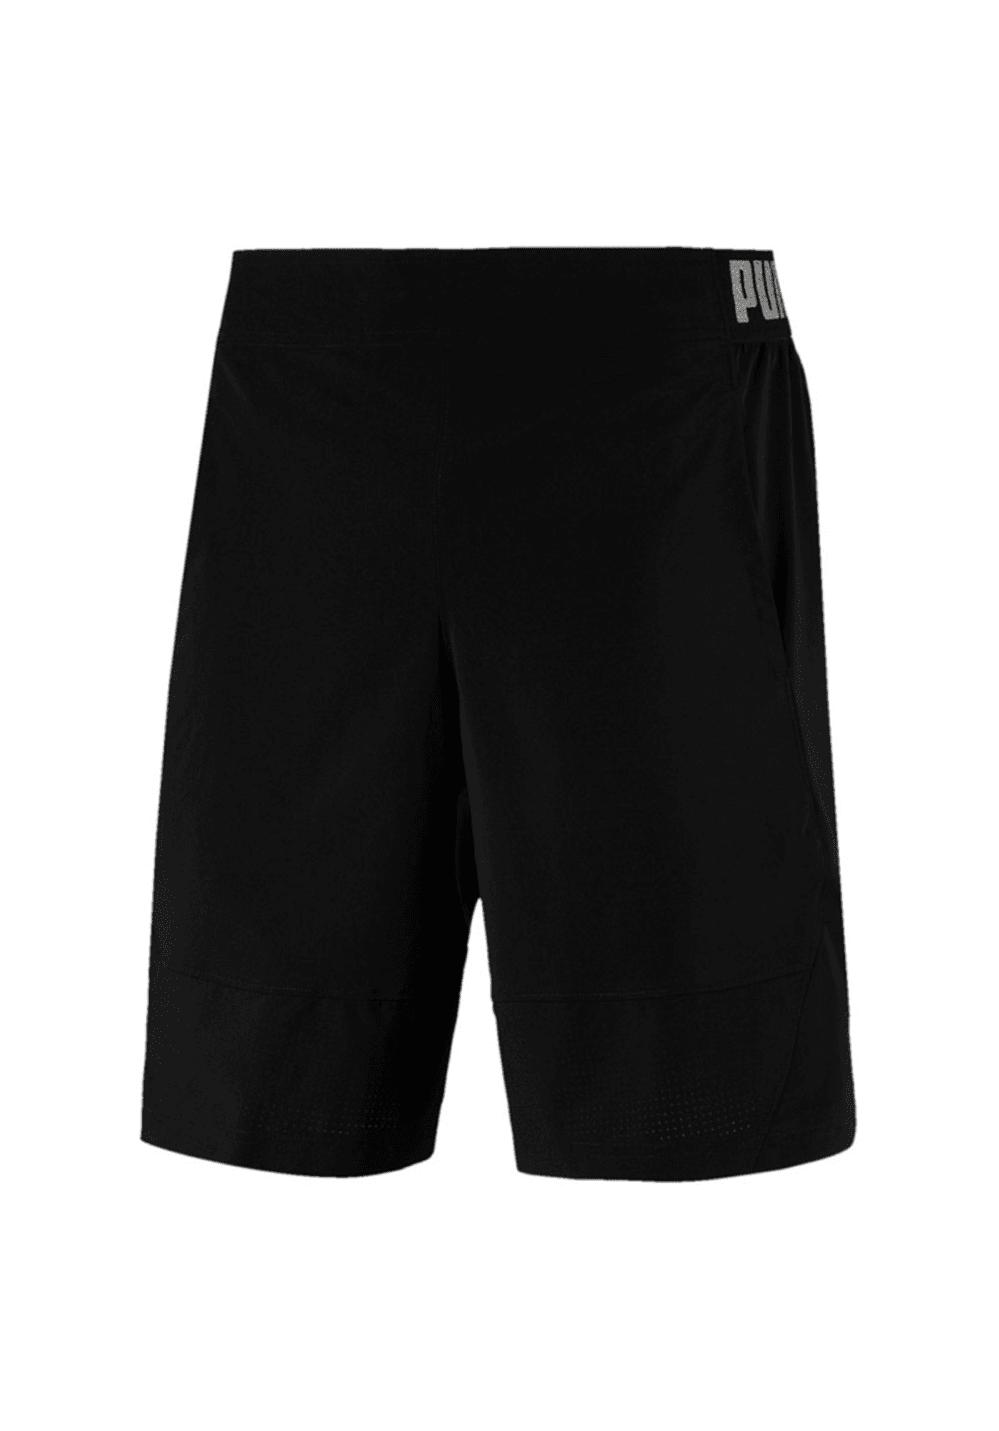 Puma Vent Stretch Wvn Short - Fitnesshosen für Herren - Schwarz, Gr. L